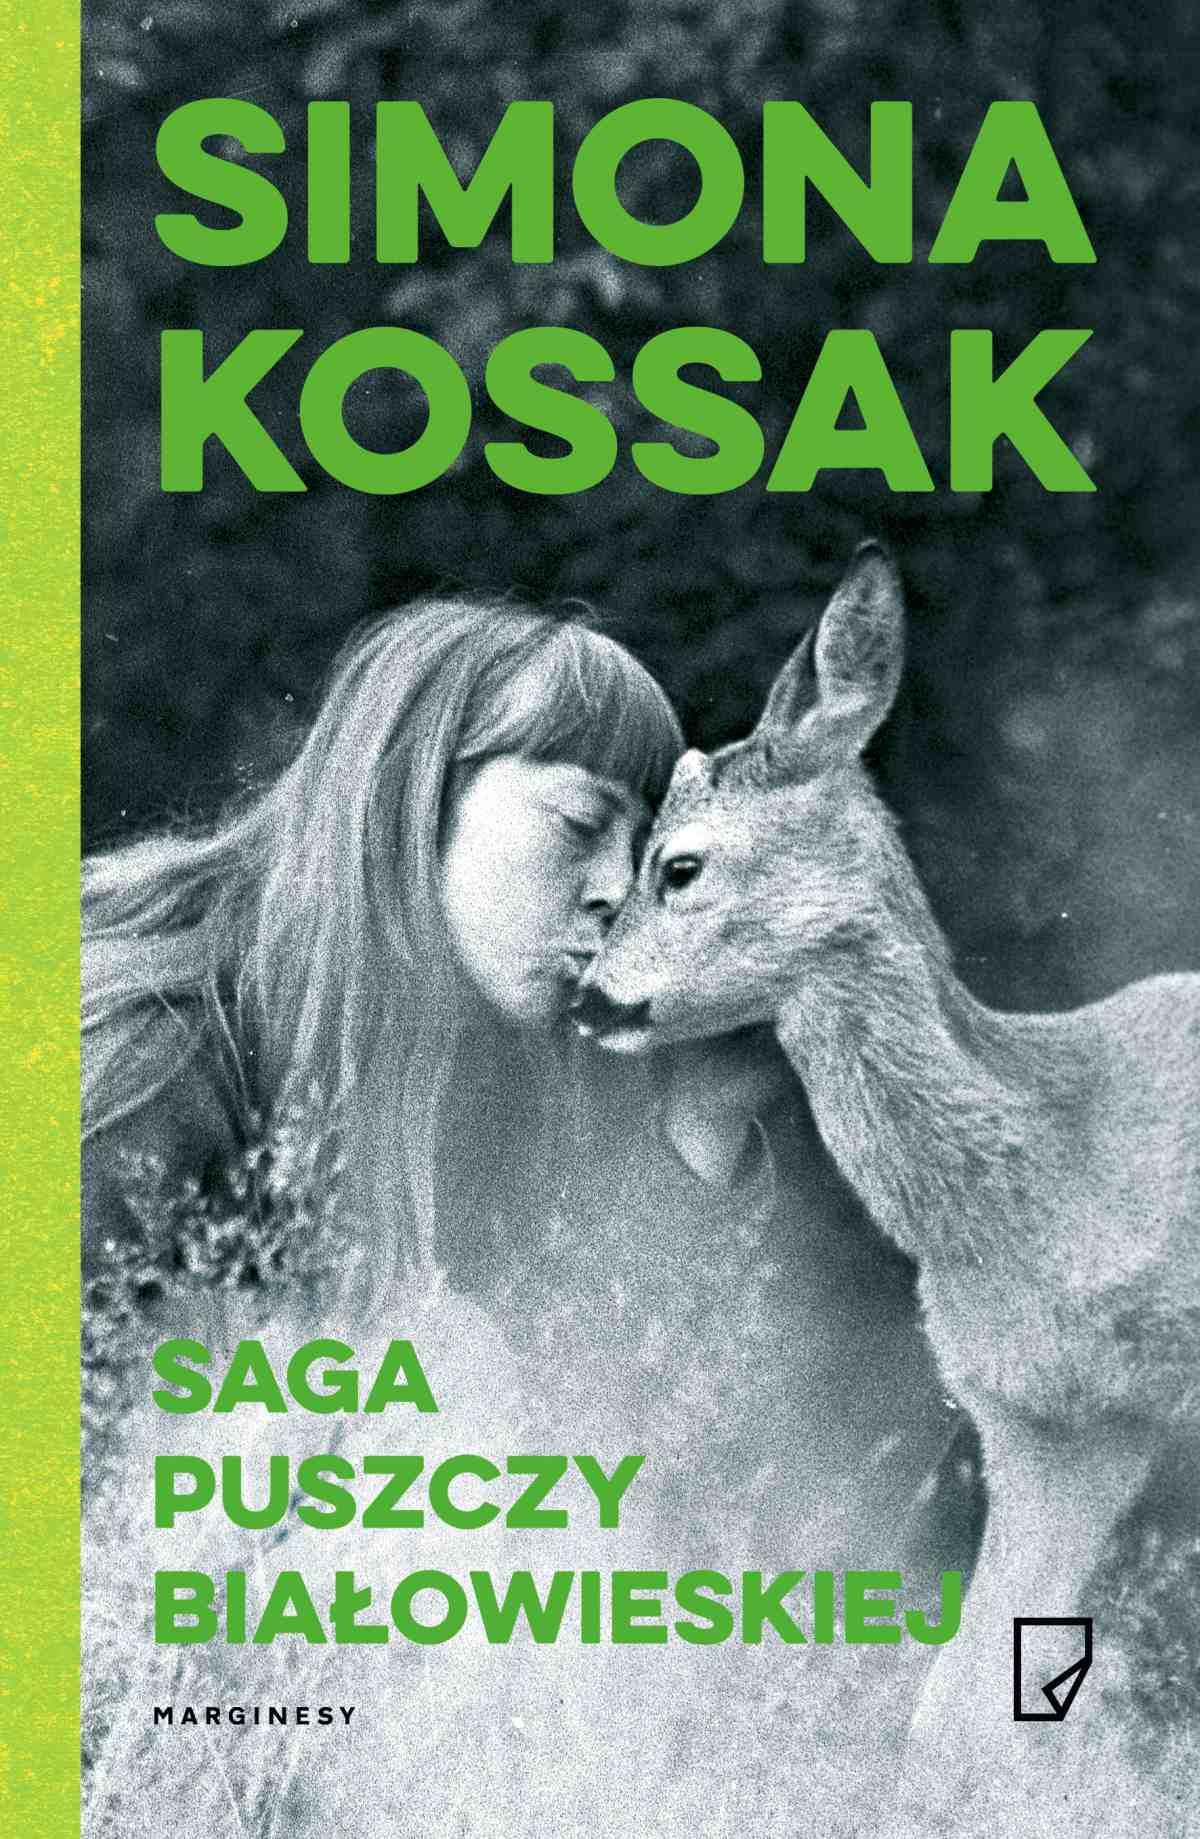 Saga Puszczy Białowieskiej - Ebook (Książka EPUB) do pobrania w formacie EPUB